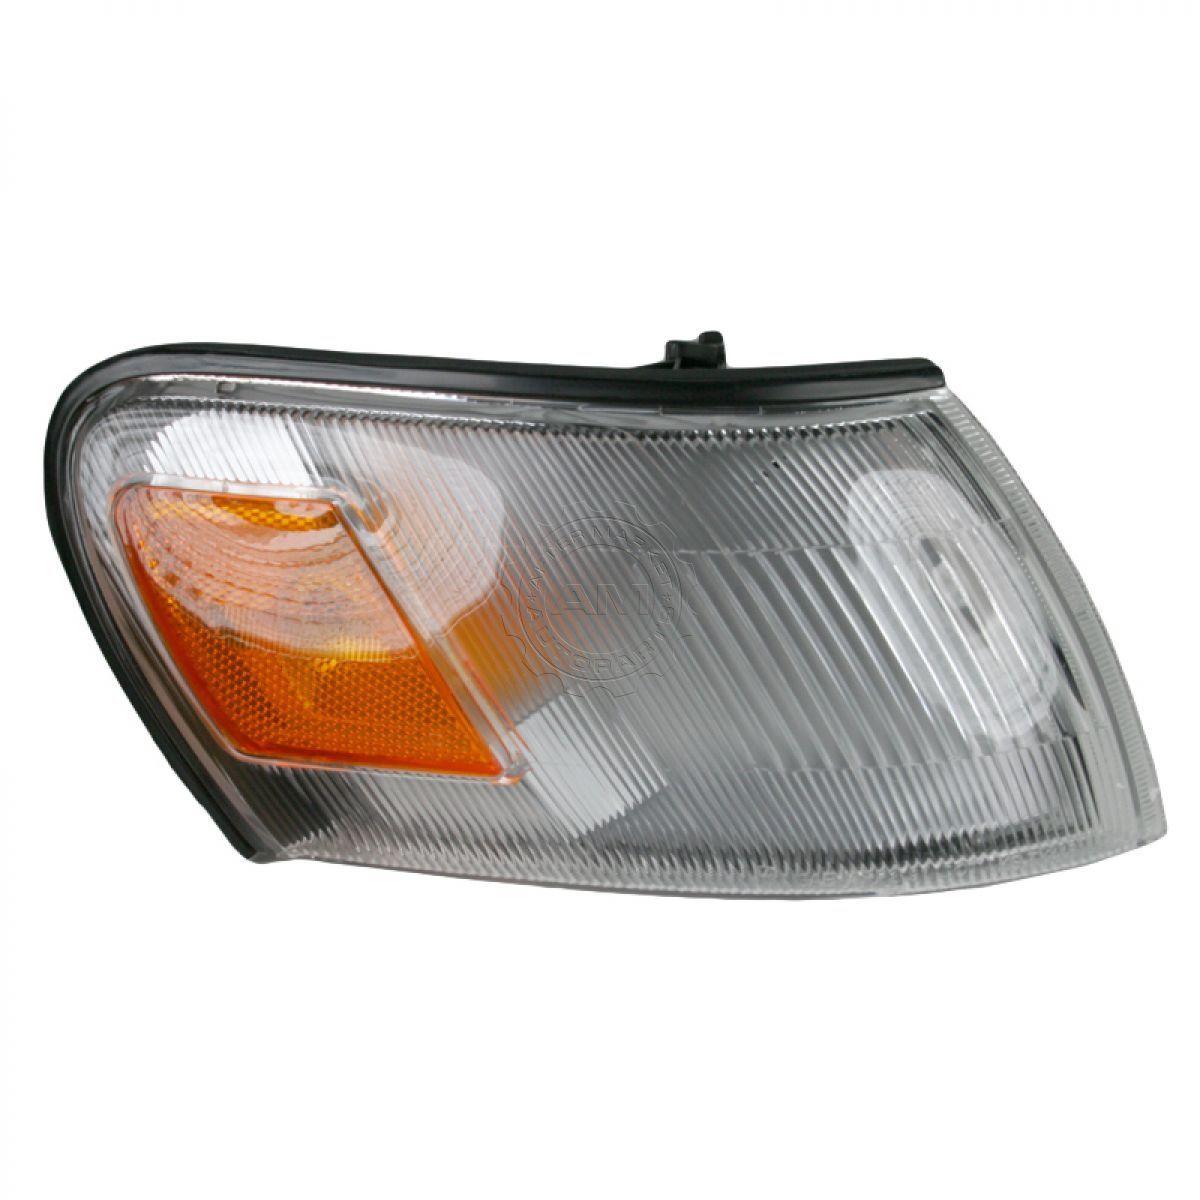 コーナーライト Corner Parking Marker Turn Signal Lamp Light RH Right Side for 93-97 Corolla コーナーパーキングマーカーターンシグナルランプライトRH右側(93-97カローラ用)